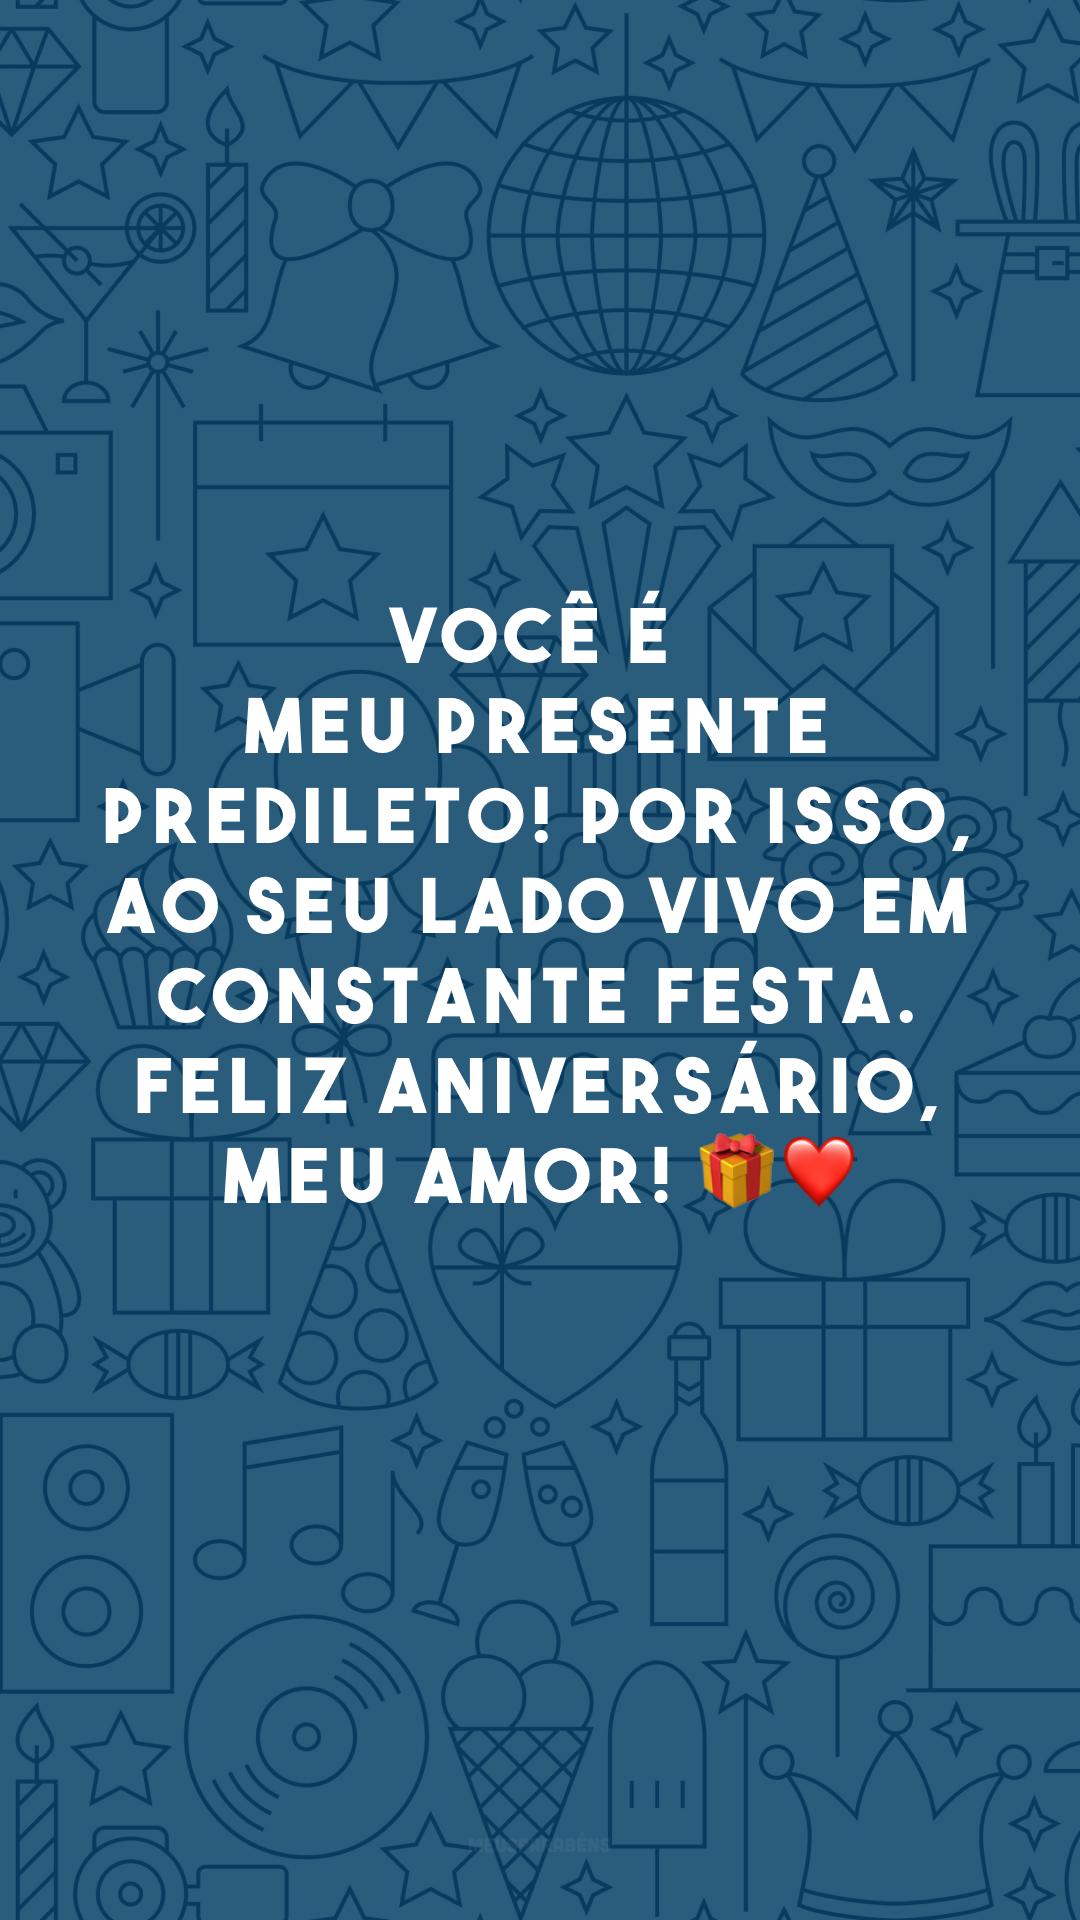 Você é meu presente predileto! Por isso, ao seu lado vivo em constante festa. Feliz aniversário, meu amor! 🎁❤